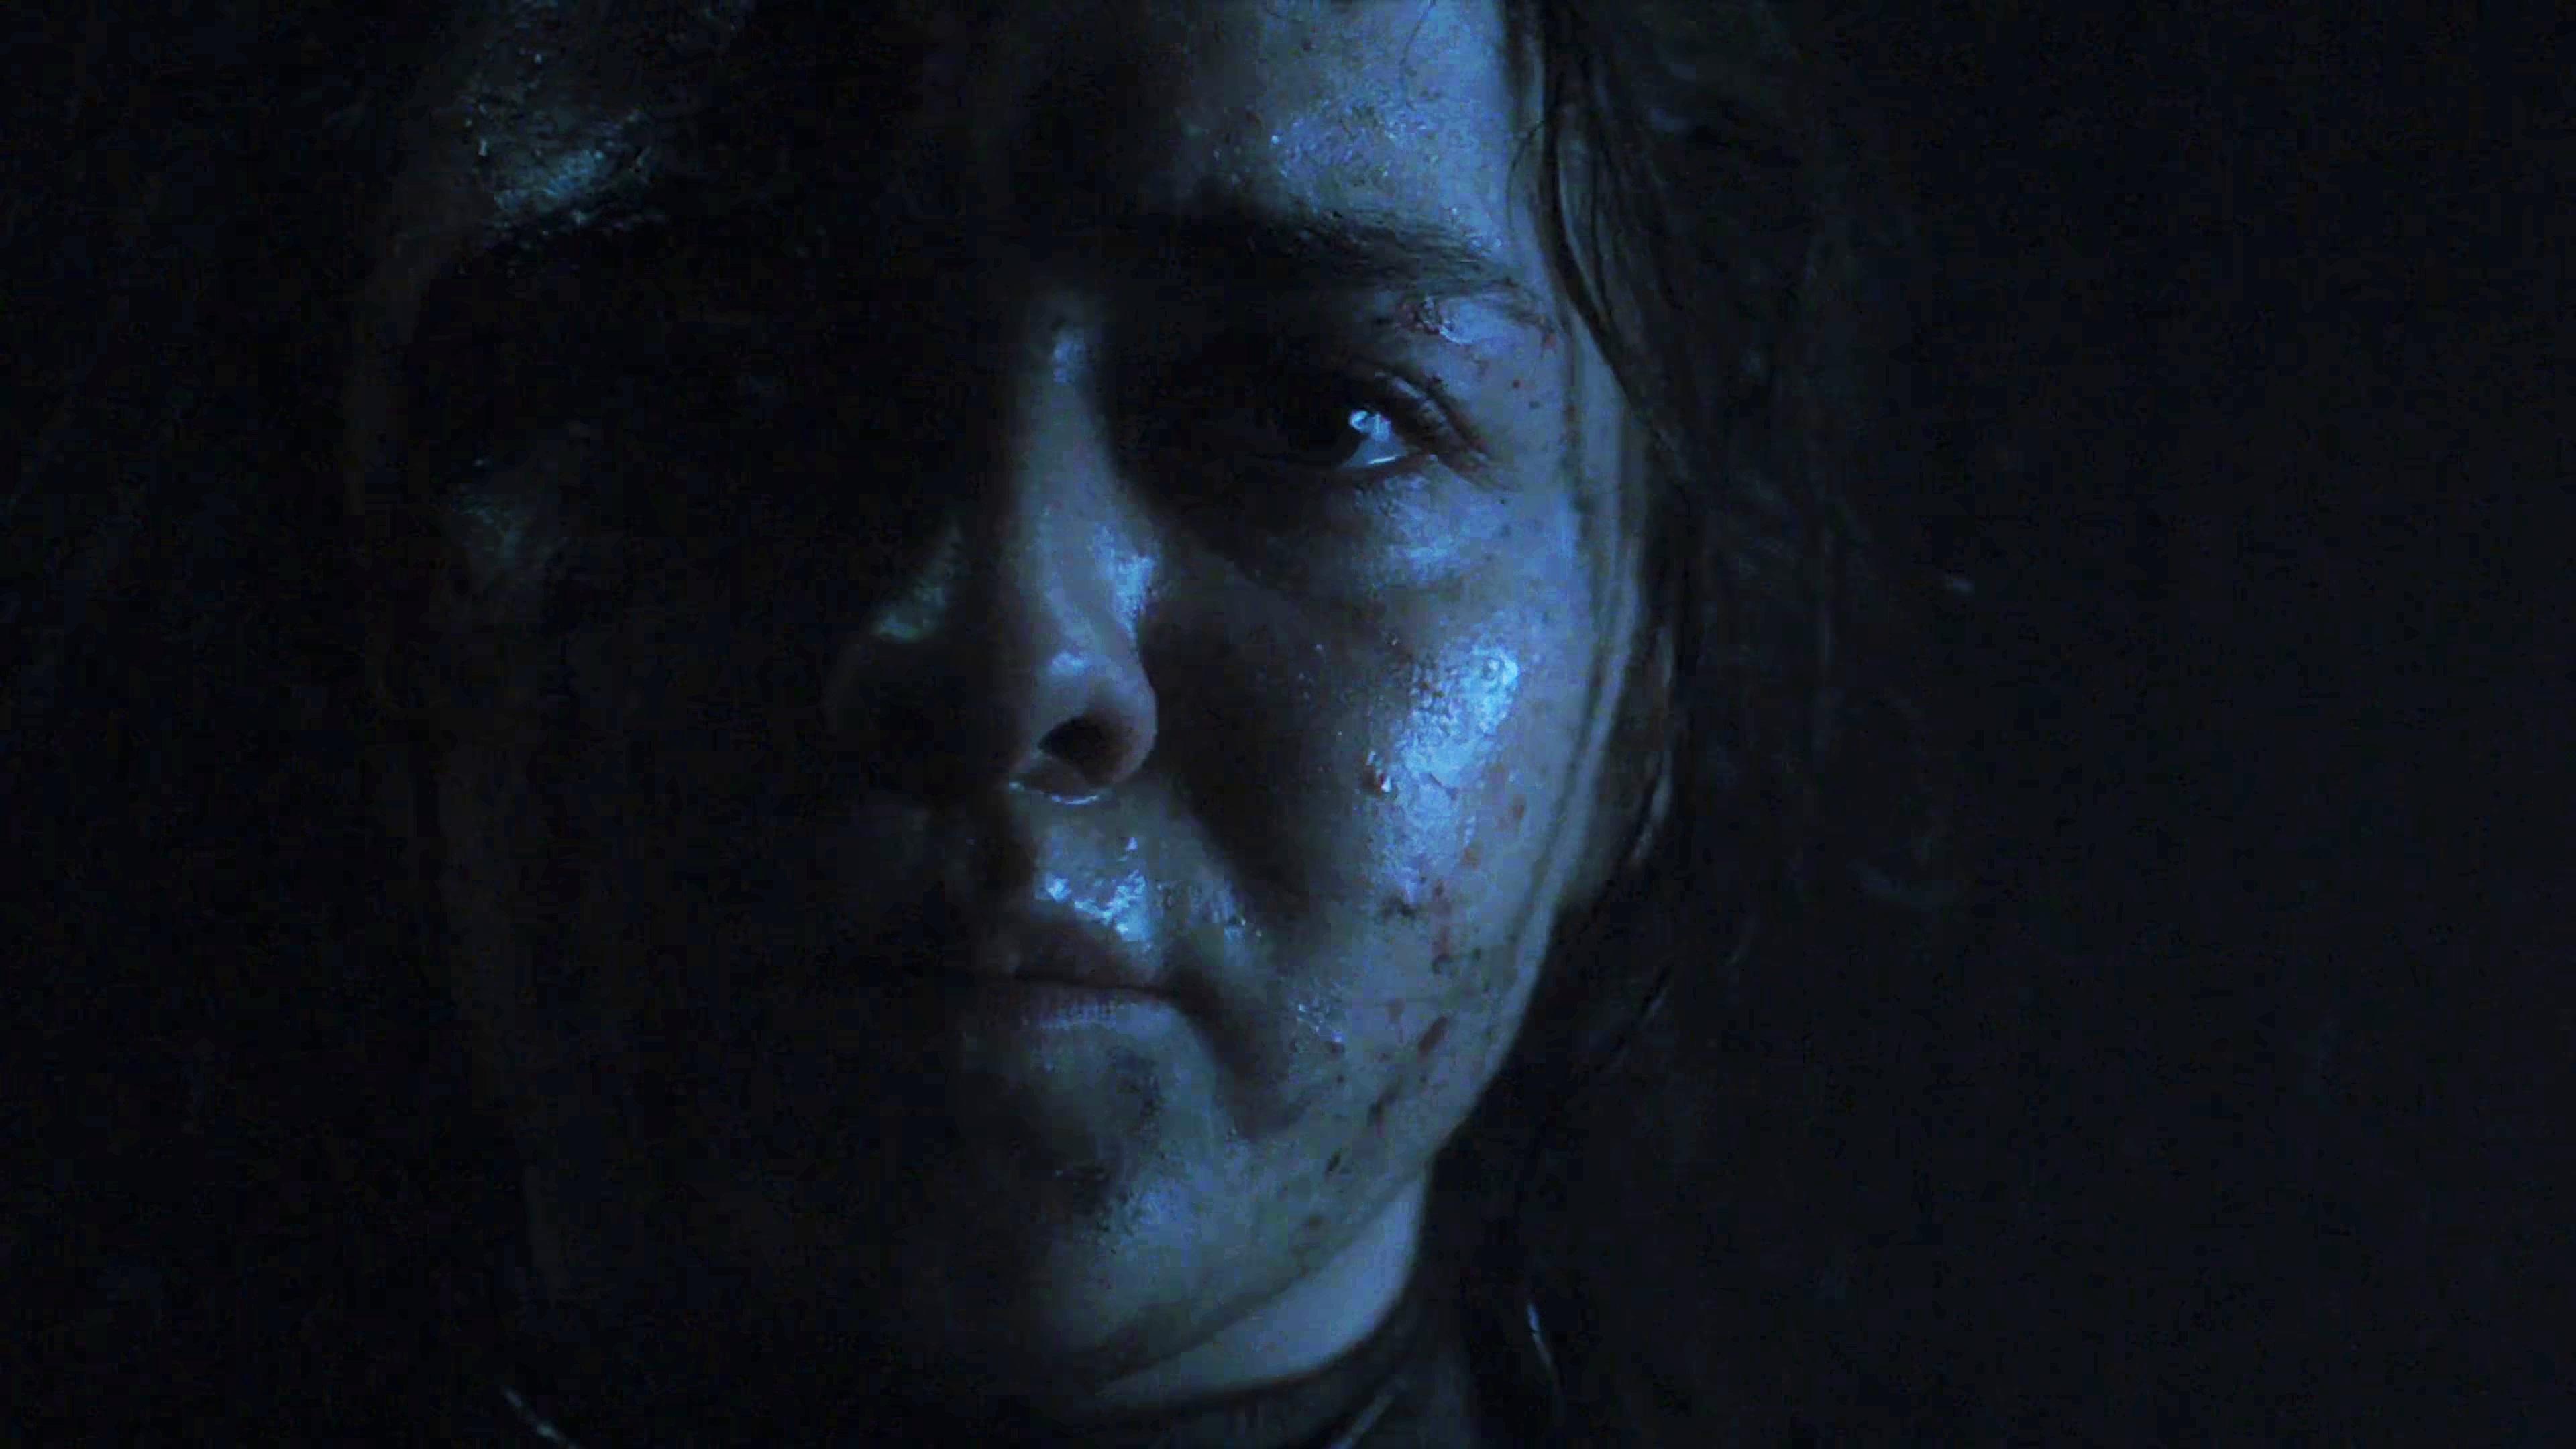 1. Season 8 Trailer Arya